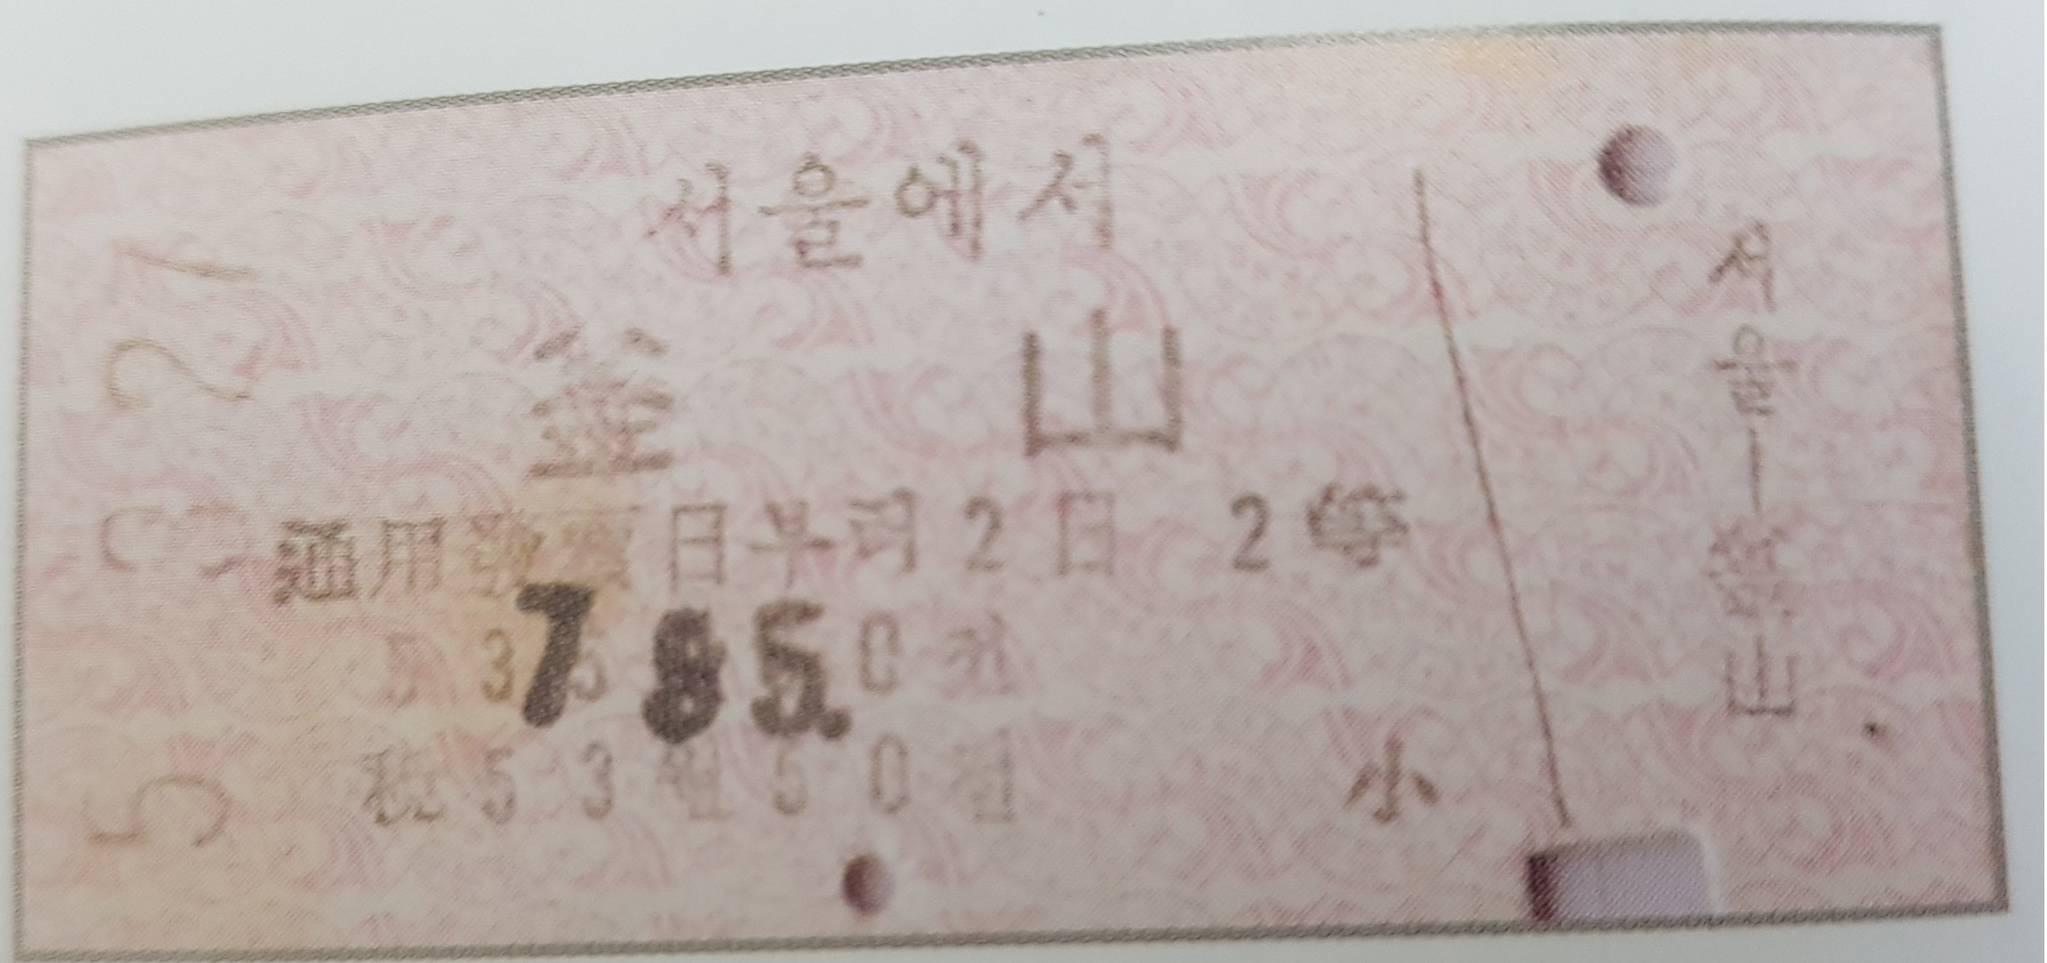 60년대 경부선 서울~부산 간 열차의 2등실 보통승차권. 60년대 승차권은 승차권, 급행권, 침대권 등 셋으로 분류됐다. [사진 코레일]